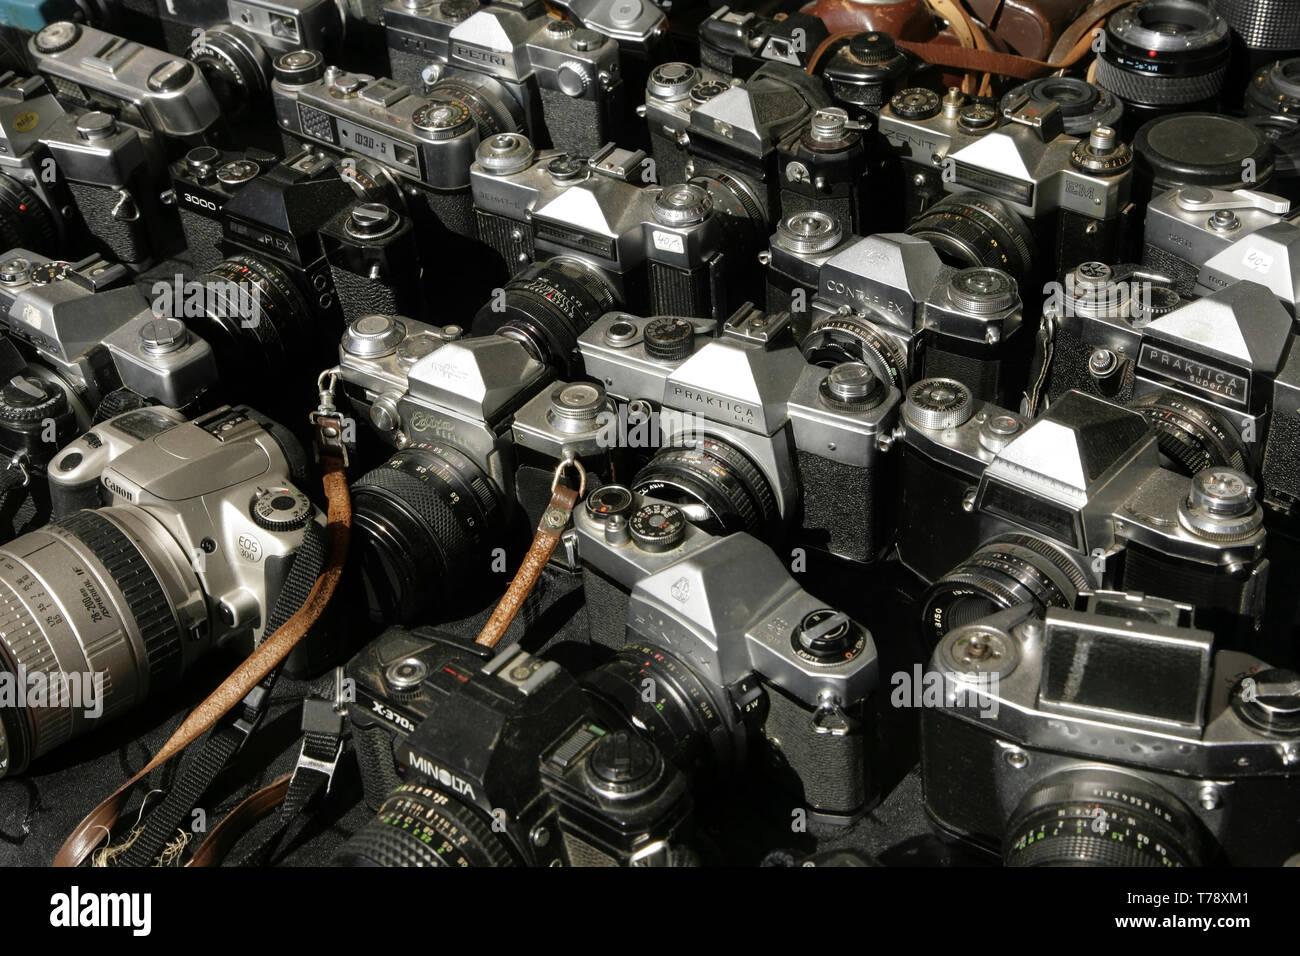 Vintage 35mm film cameras for sale. - Stock Image